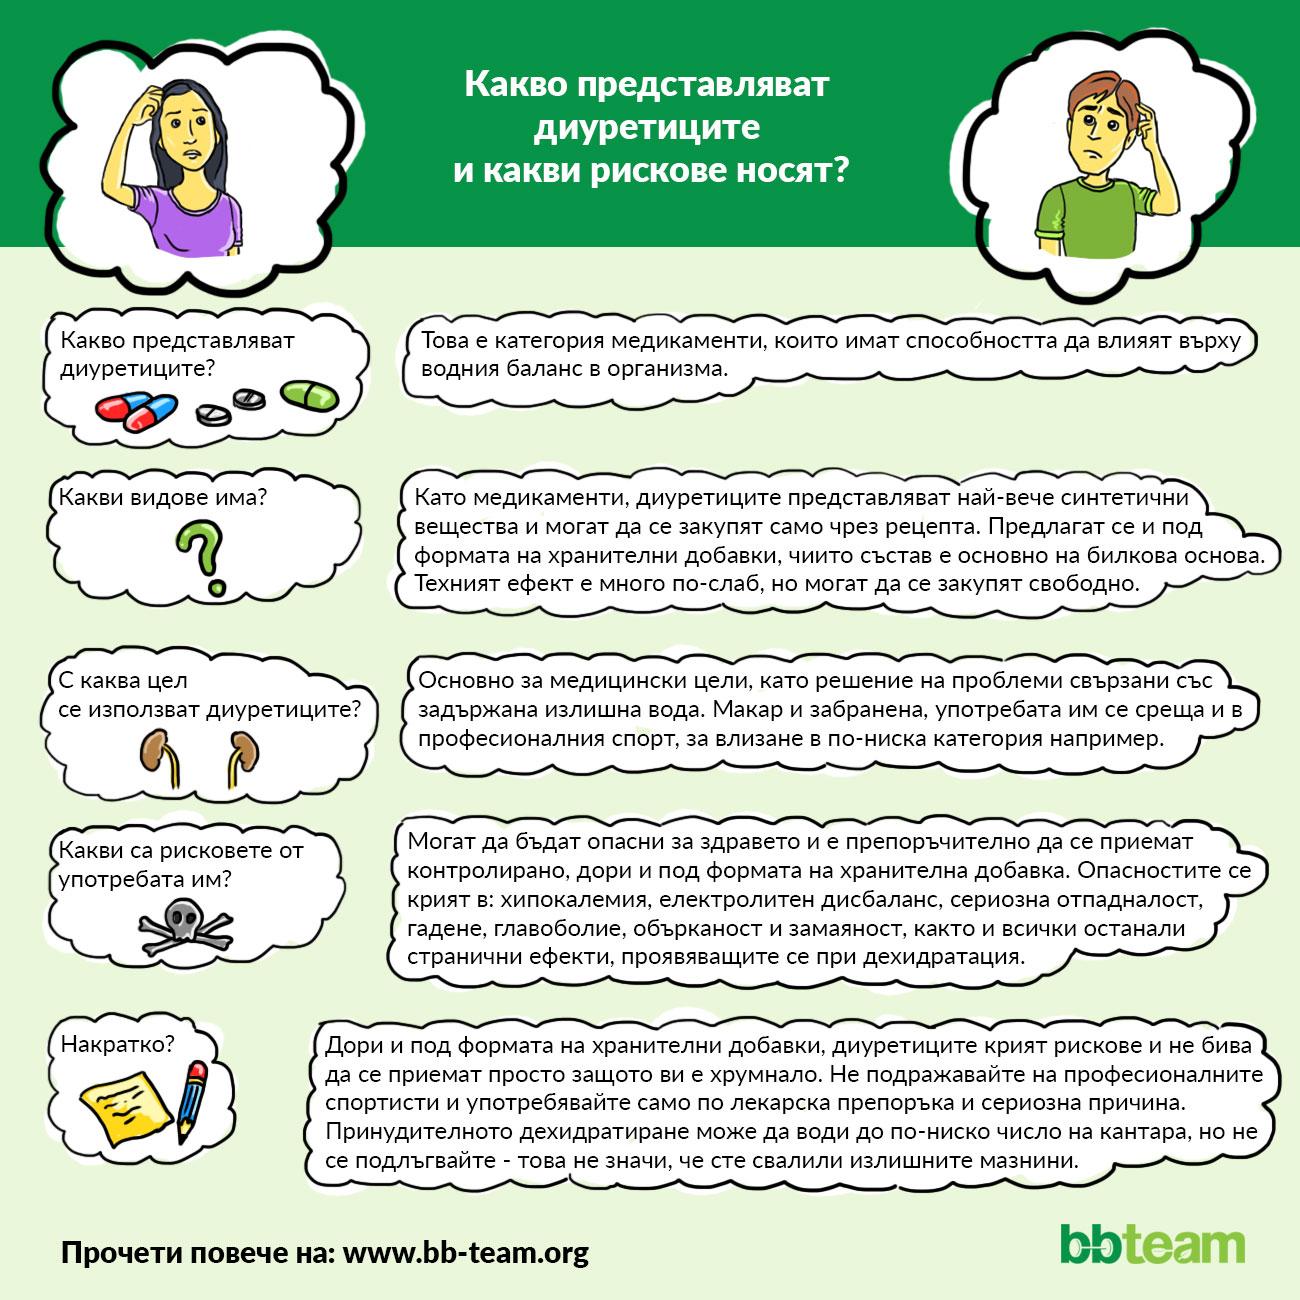 Какво представляват диуретиците и какви рискове носят? [инфографика]